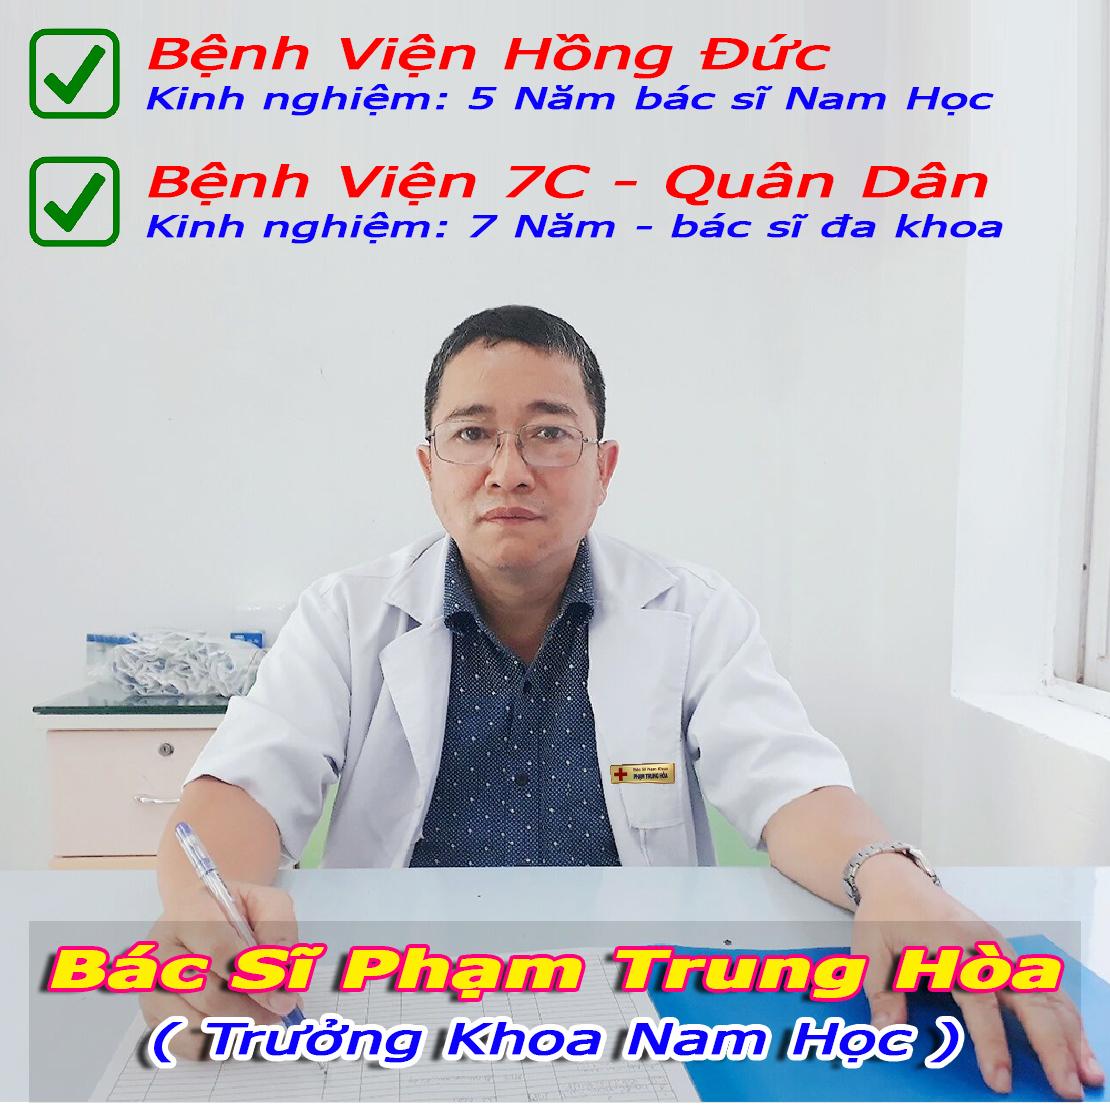 Bác Sĩ Phạm Trung Hòa